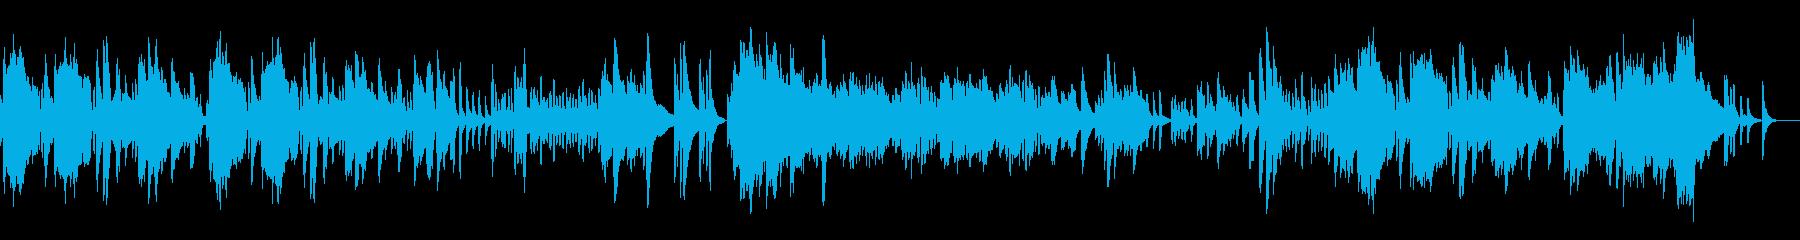 うっきうき、楽しい冒険物語-ピアノソロの再生済みの波形